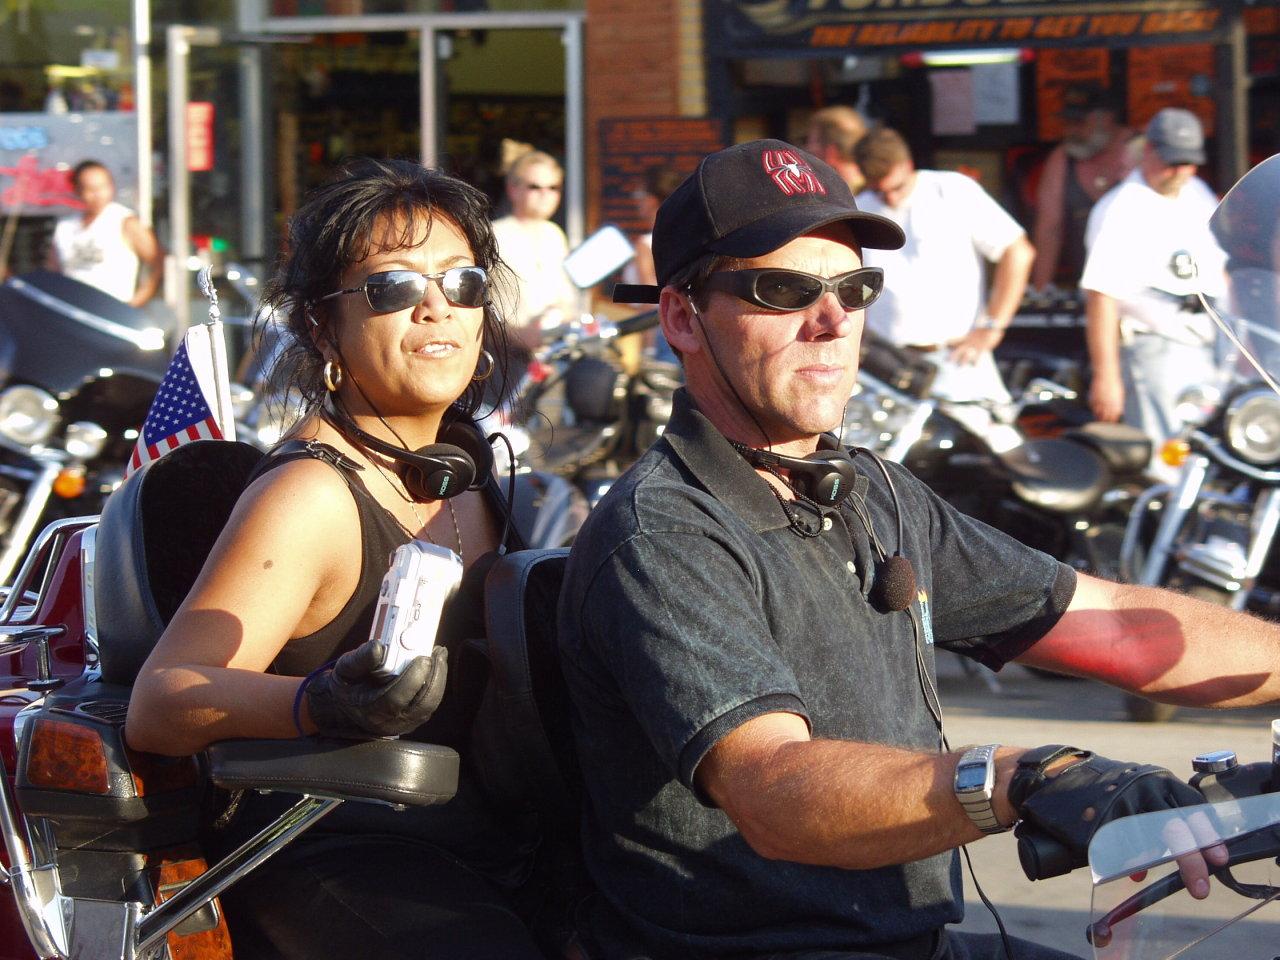 Attractive bikers